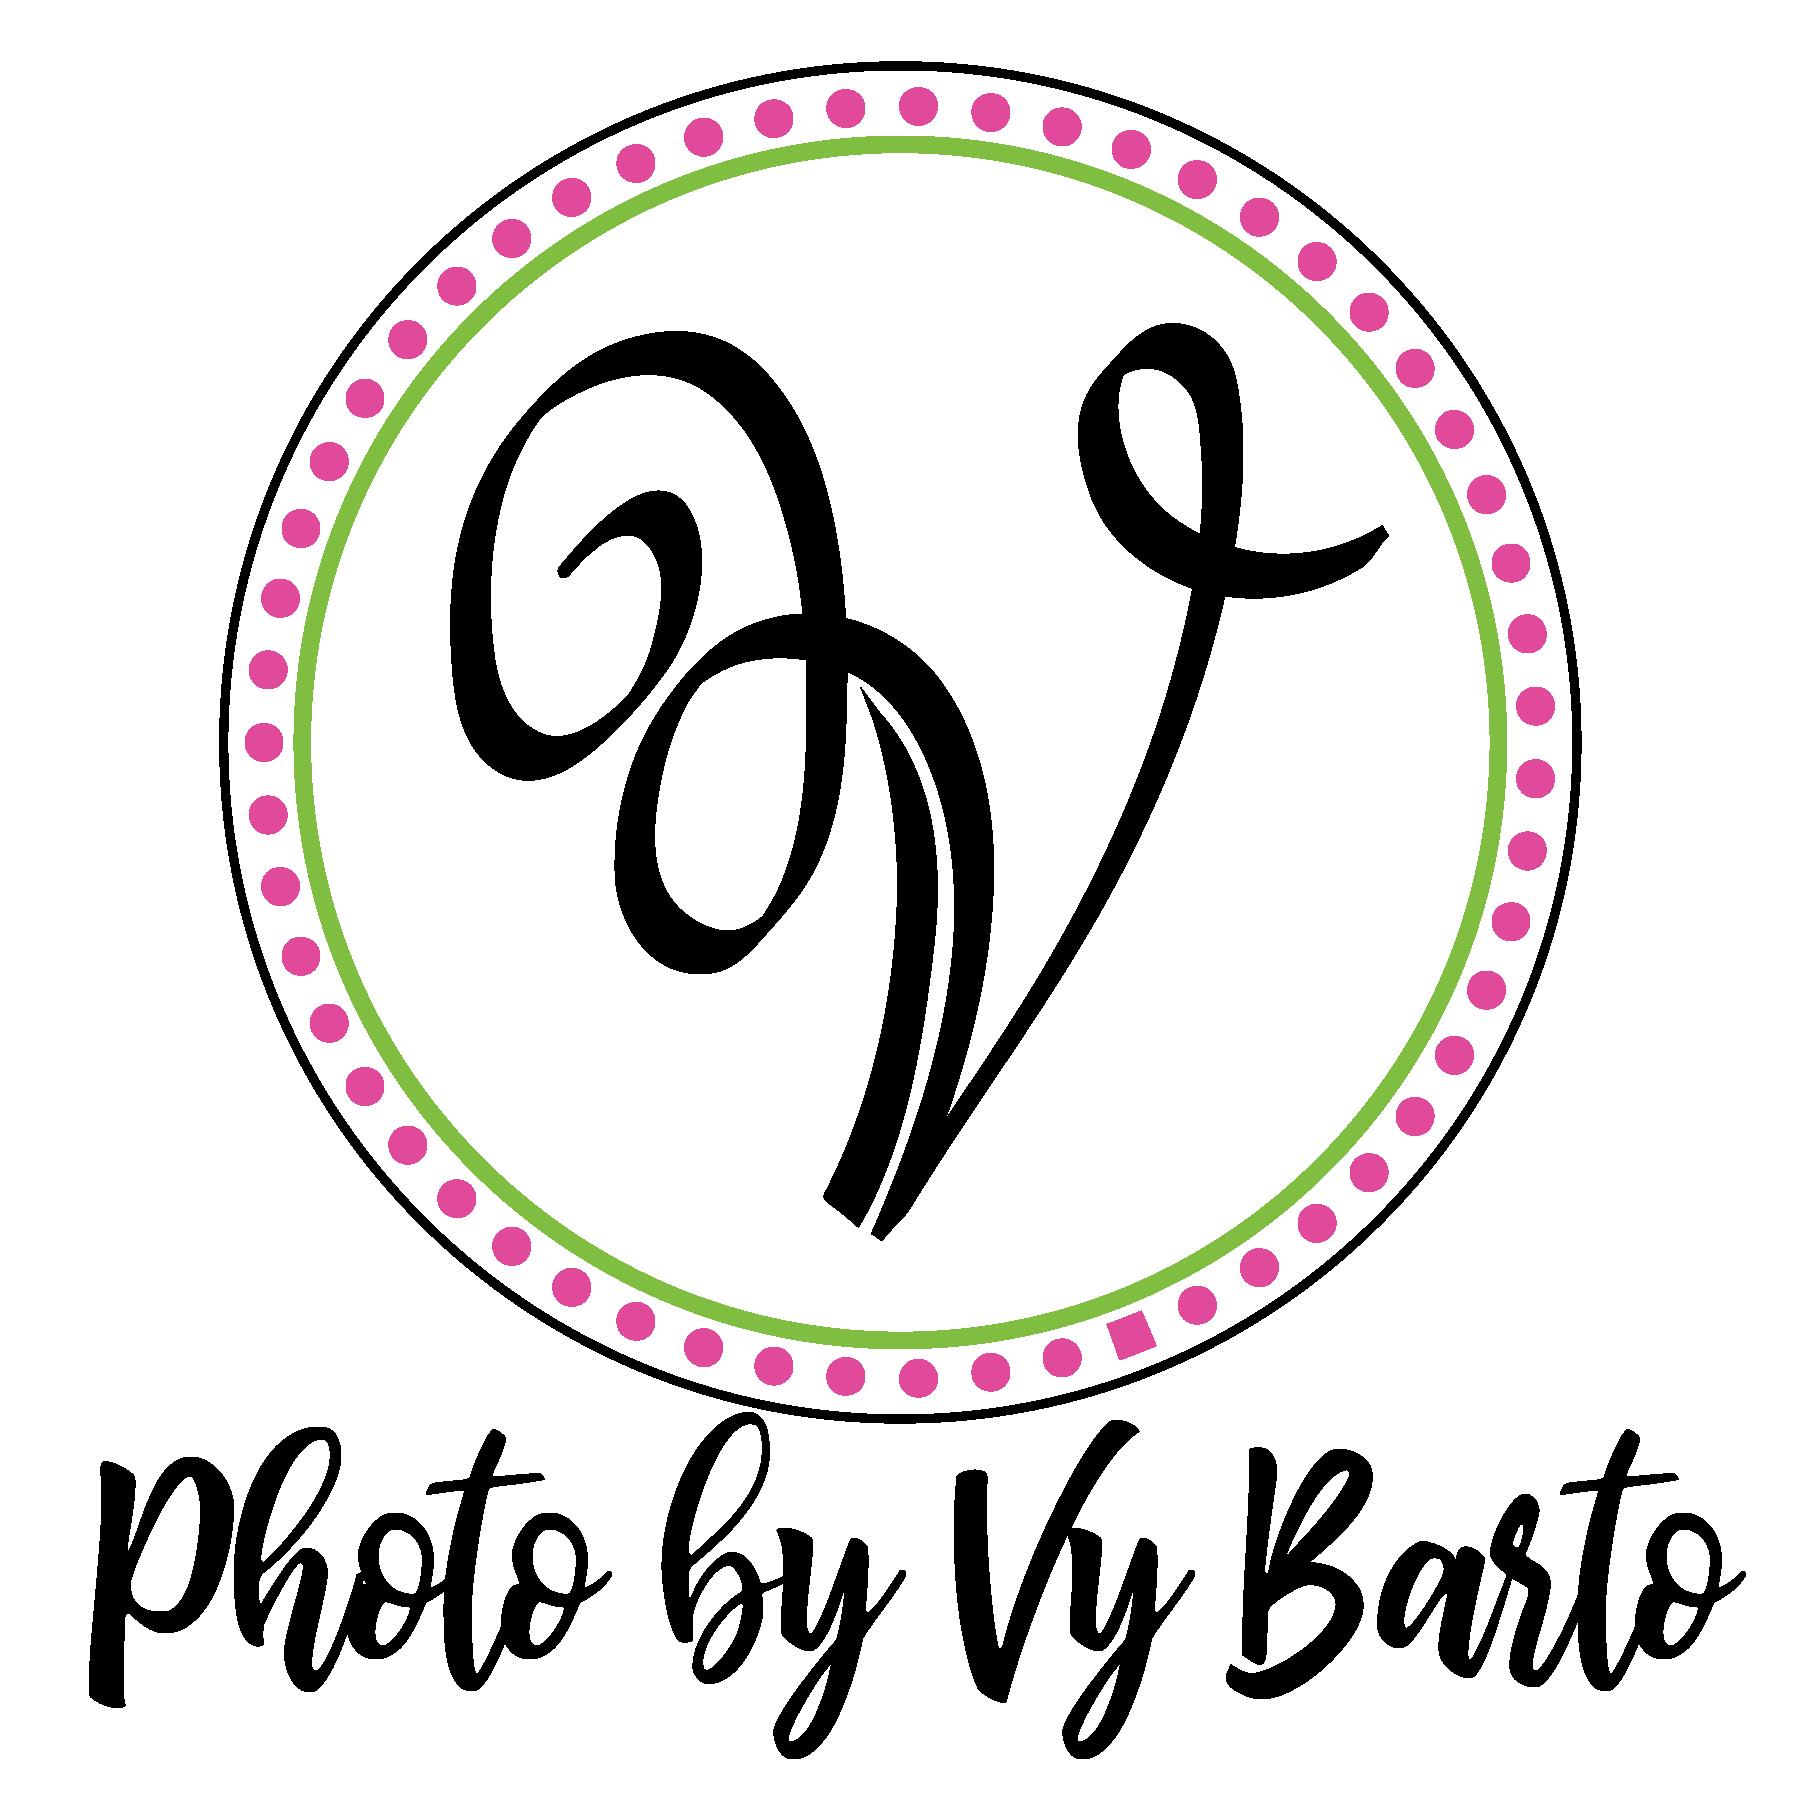 Vy Barto